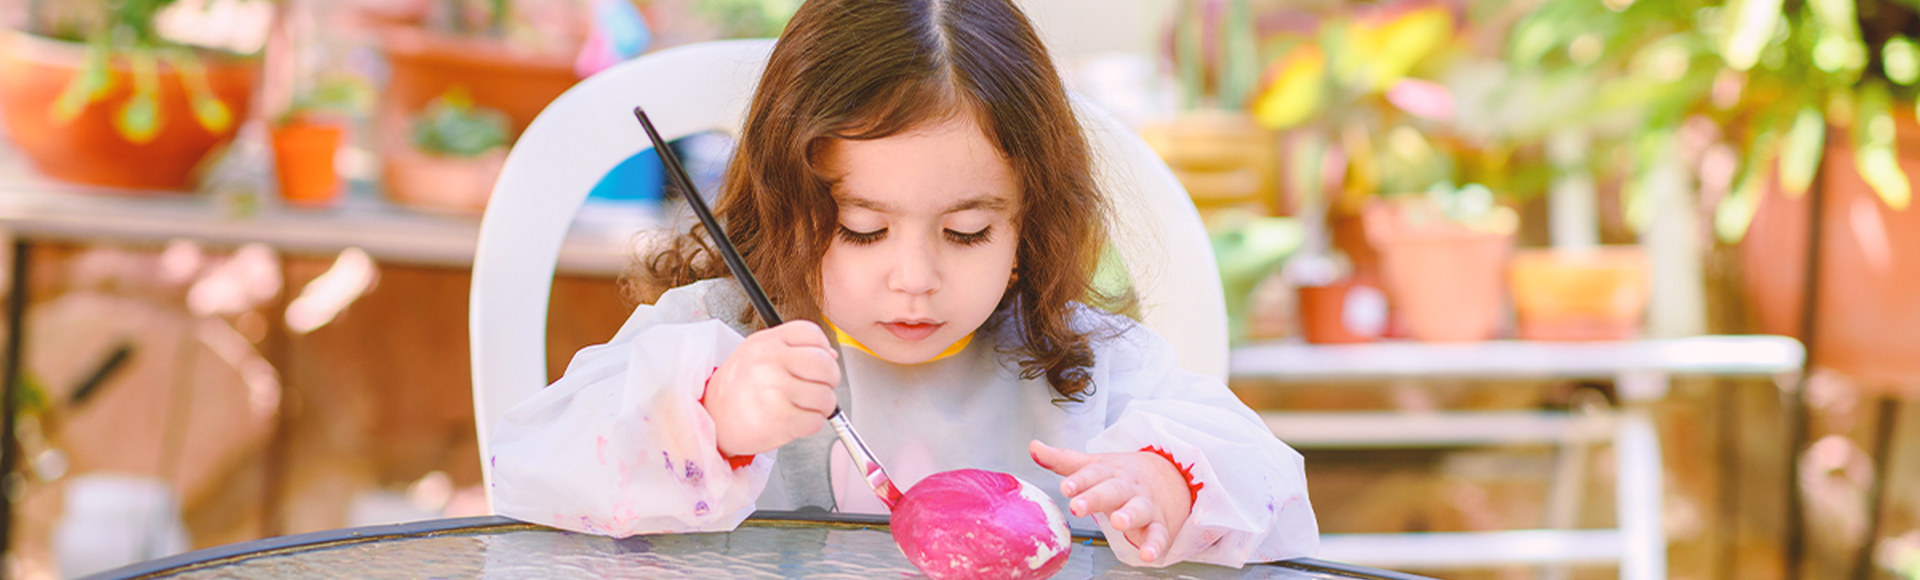 Saiba porque estimular crianças e bebes com desenvolvimento atípico